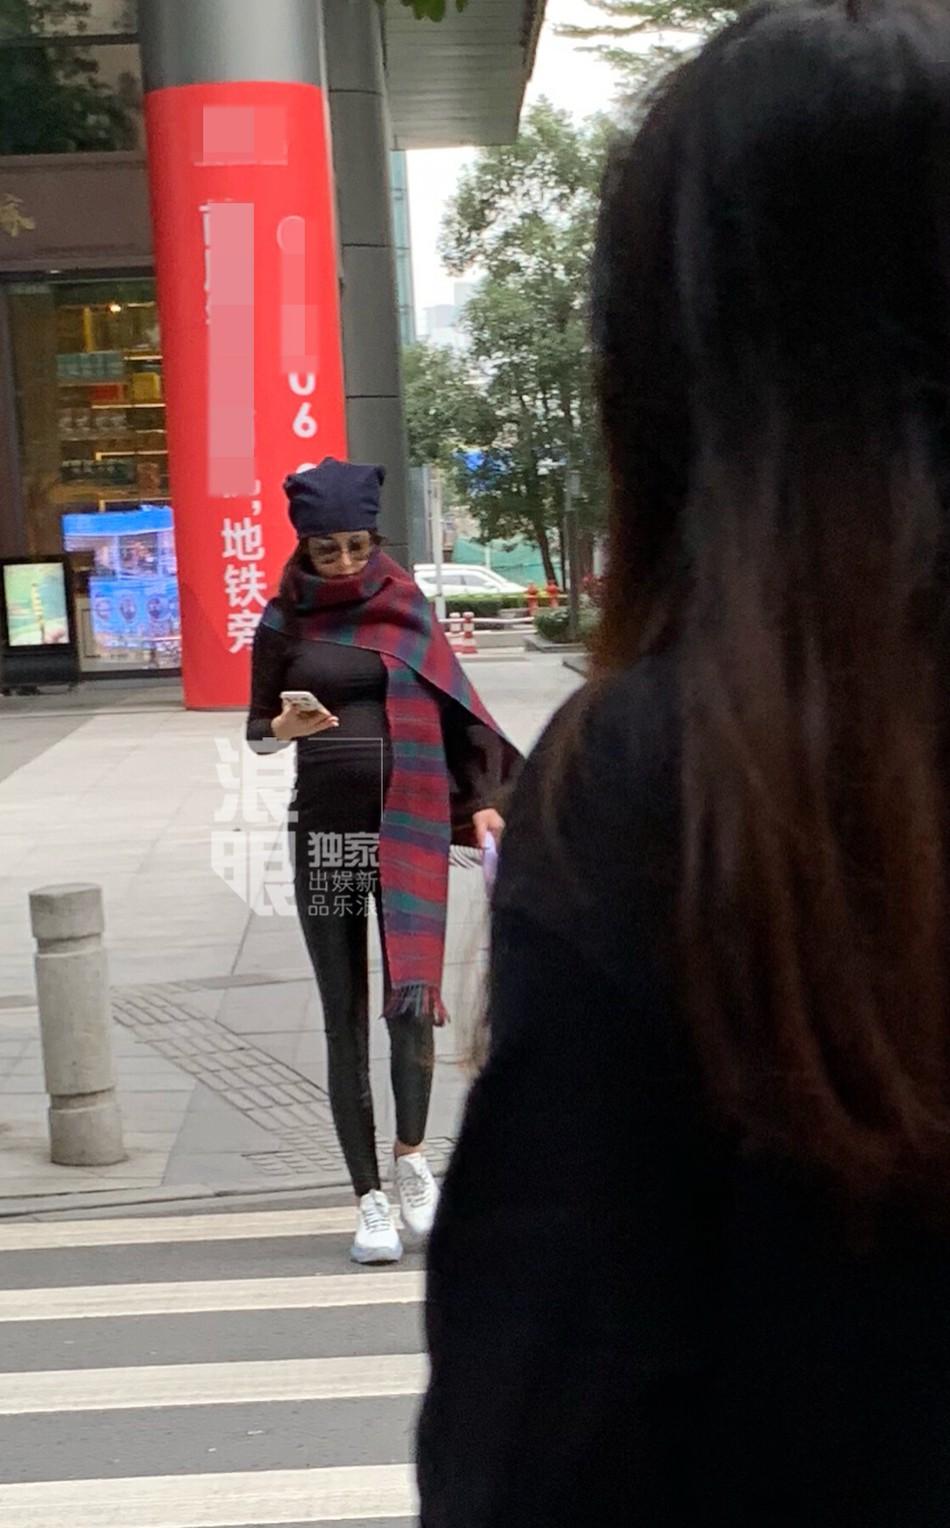 Lộ ảnh vòng 2 thon gọn bất ngờ, Trương Hinh Dư bị nghi ngờ đã bí mật sinh con? 6